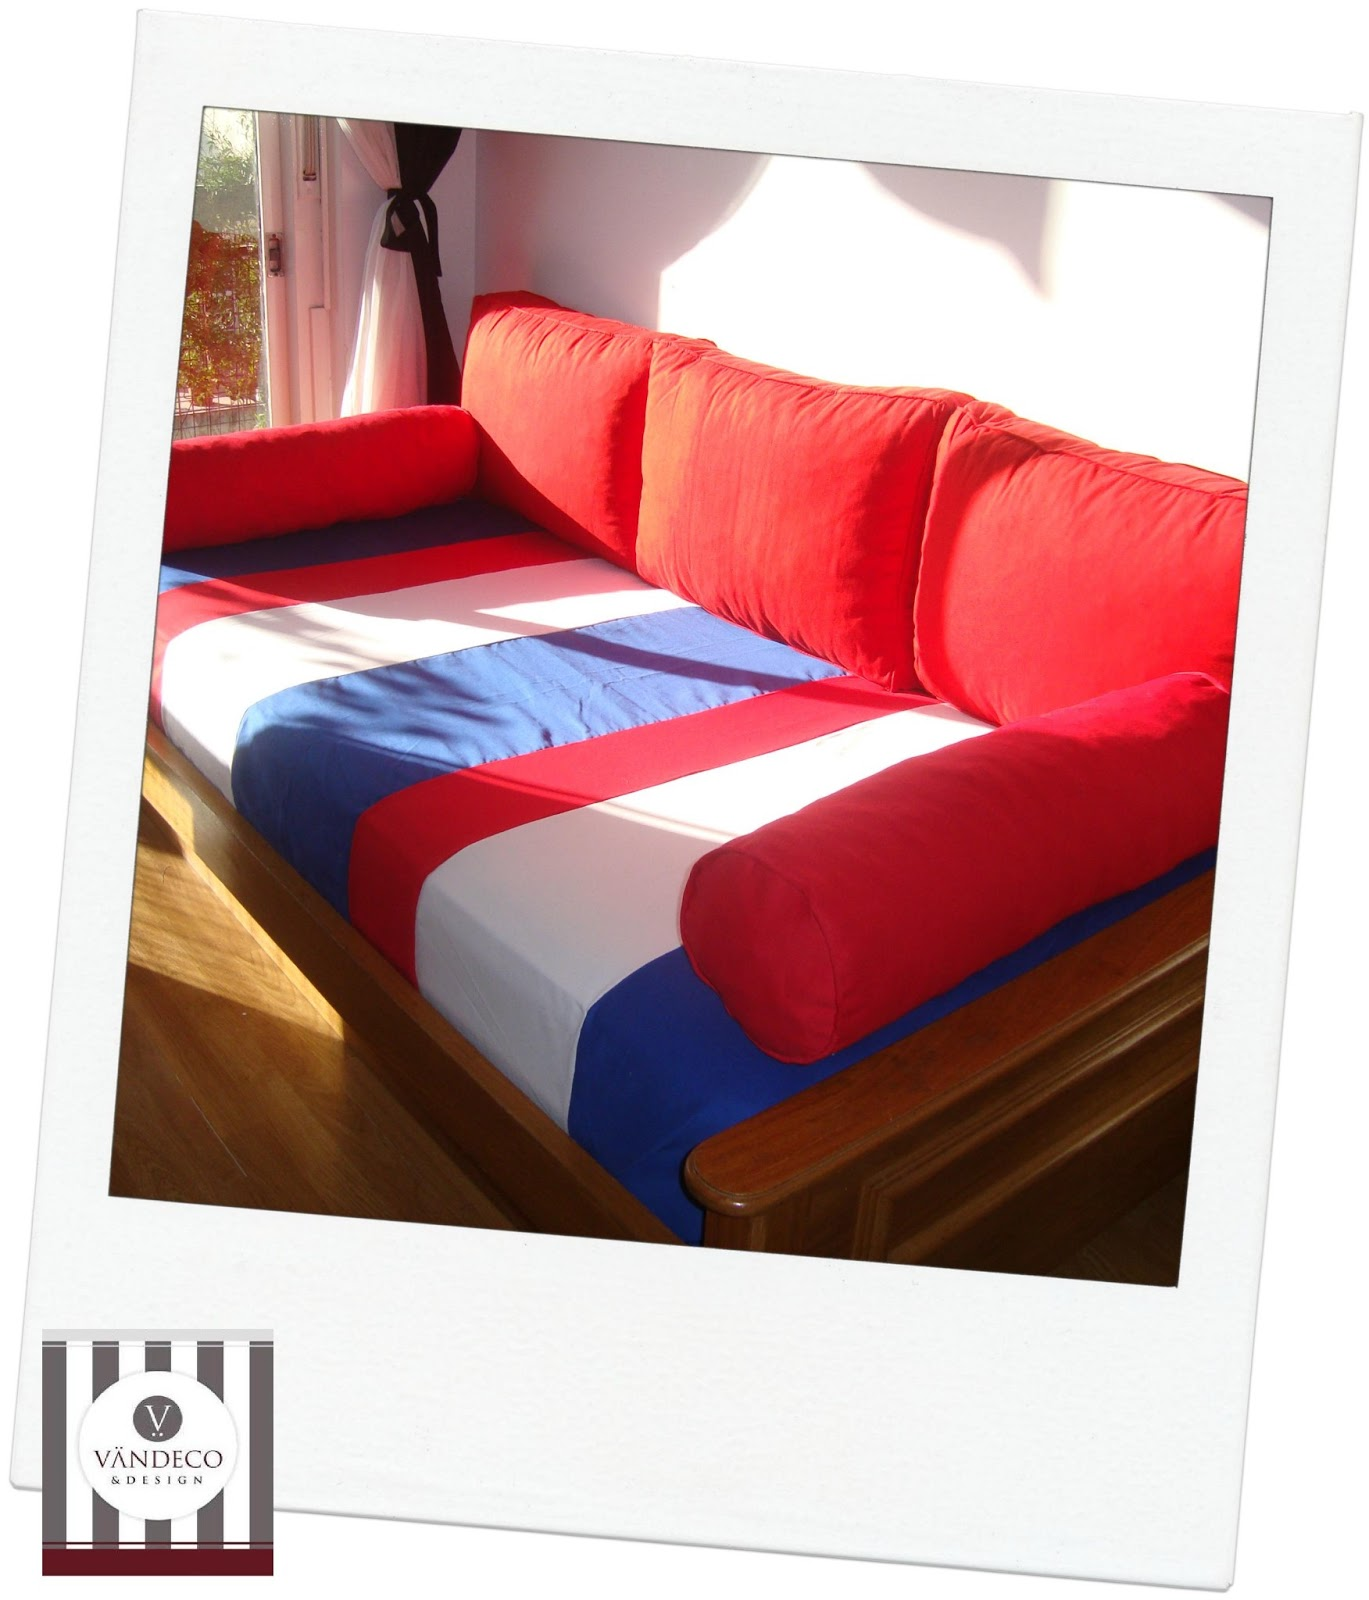 V ndeco design mas ideas de kits para convertir una cama - Cuanto puede costar tapizar un sofa ...